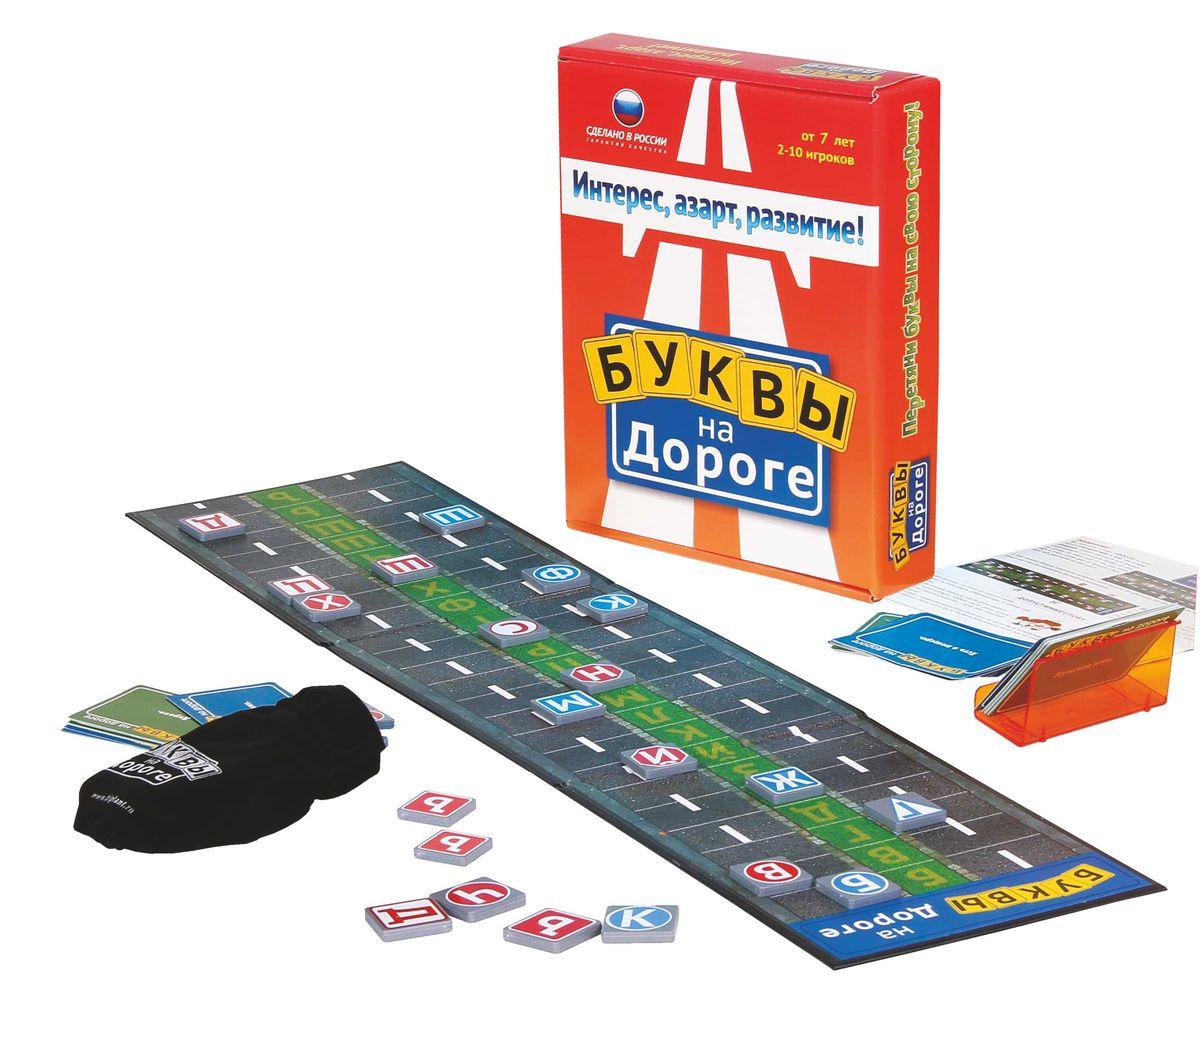 Биплант Настольная игра Буквы на Дороге10028Забавная и увлекательная настольная игра в слова. Суть: перетянуть согласные буквы на свою сторону дороги, называя слова с наибольшим их количеством.